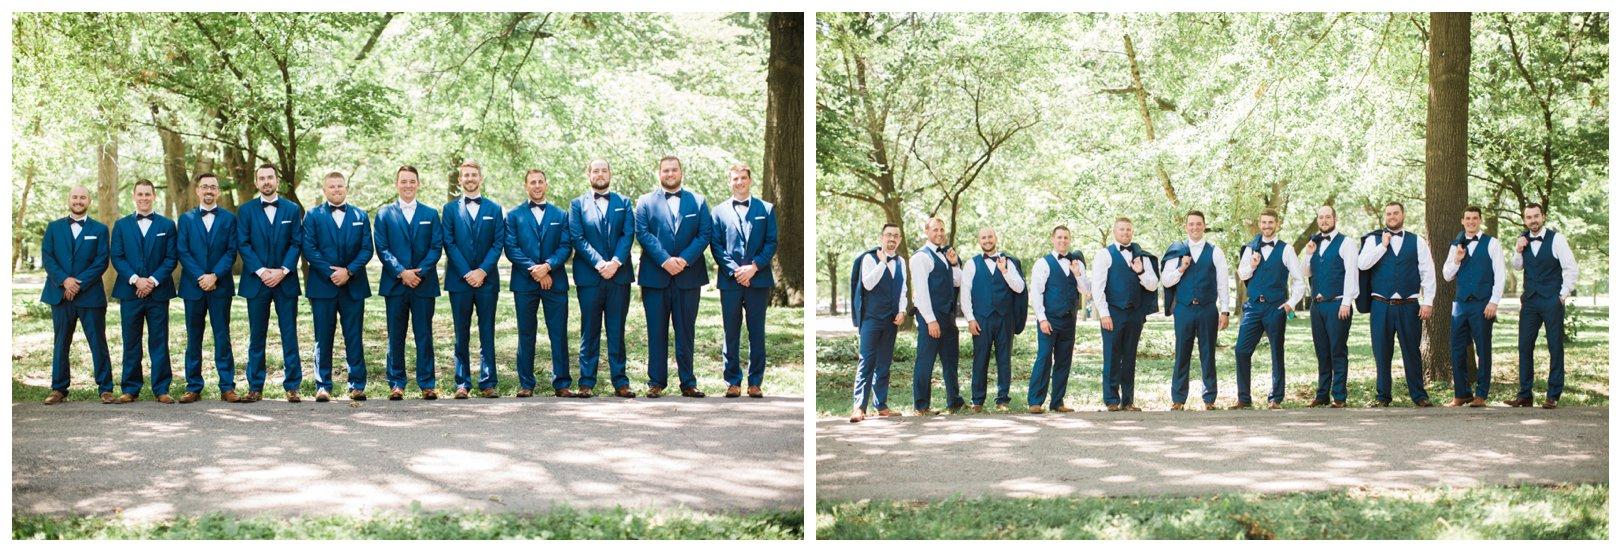 lauren muckler photography_fine art film wedding photography_st louis_photography_1189.jpg